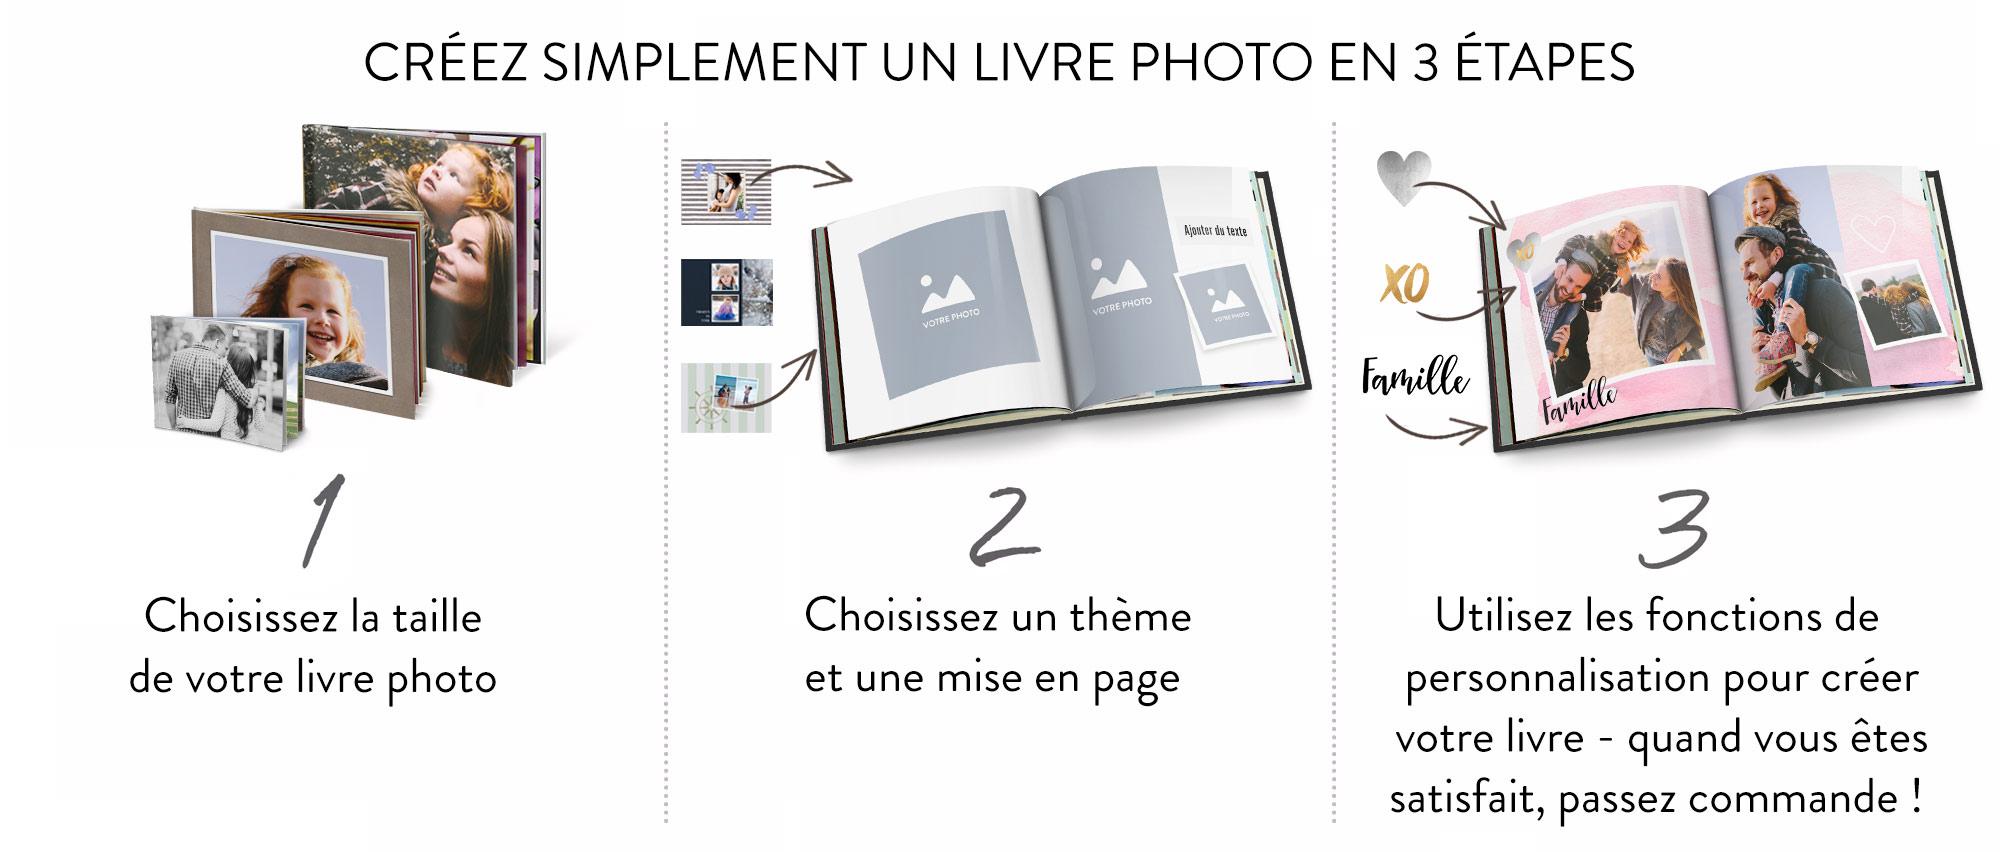 Créez un livre photo en 3 étapes faciles